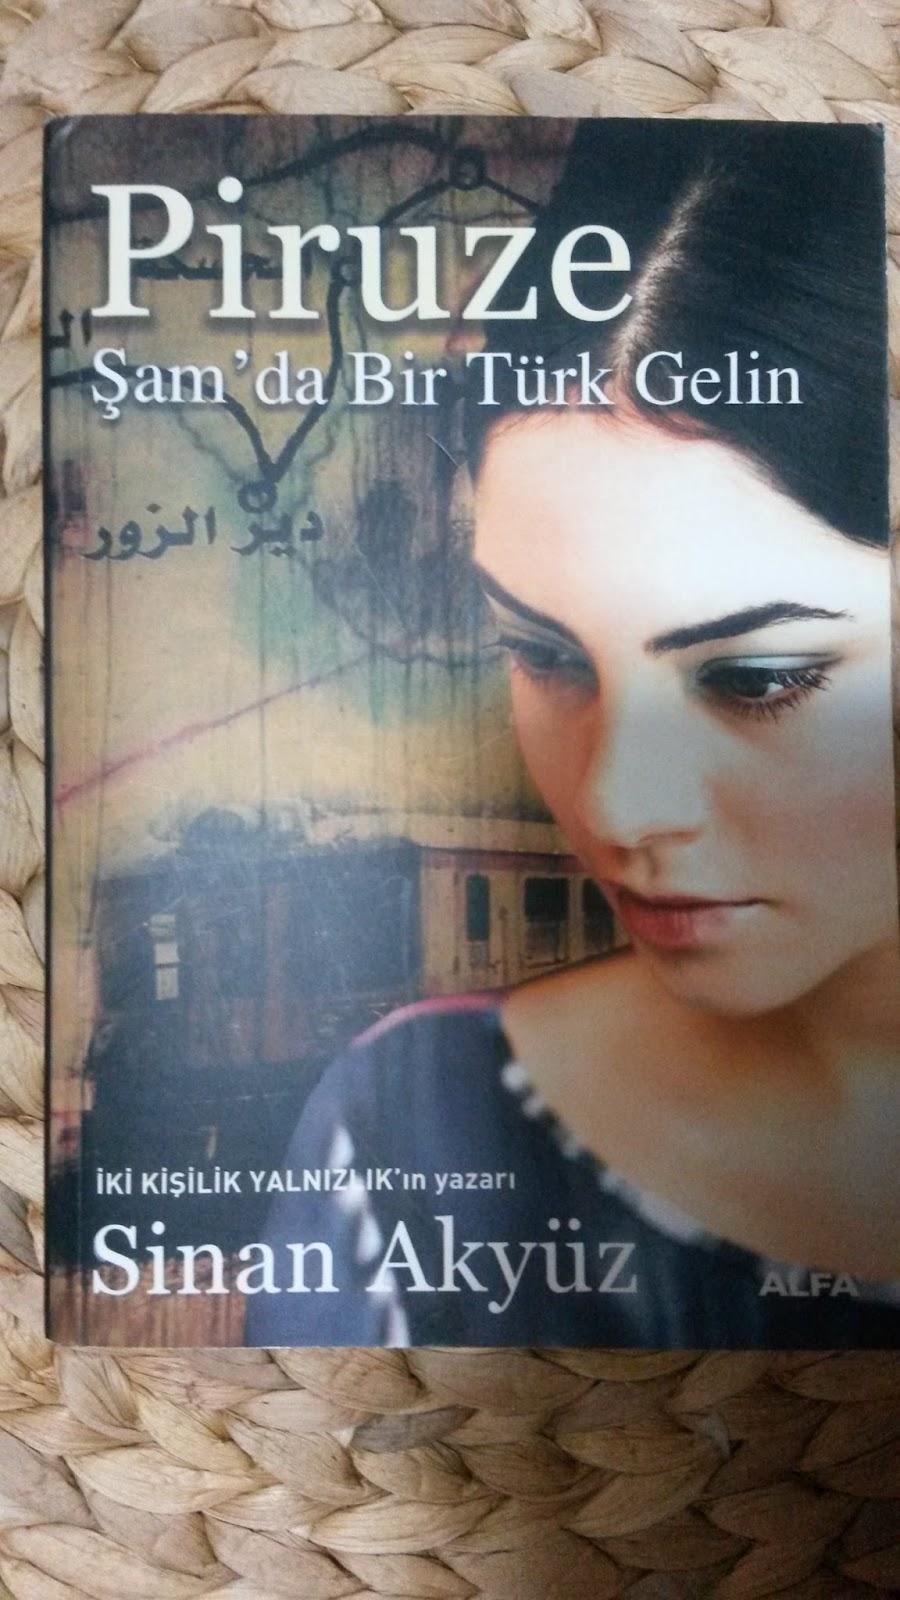 piruze şamda bir türk gelin sinan akyüz